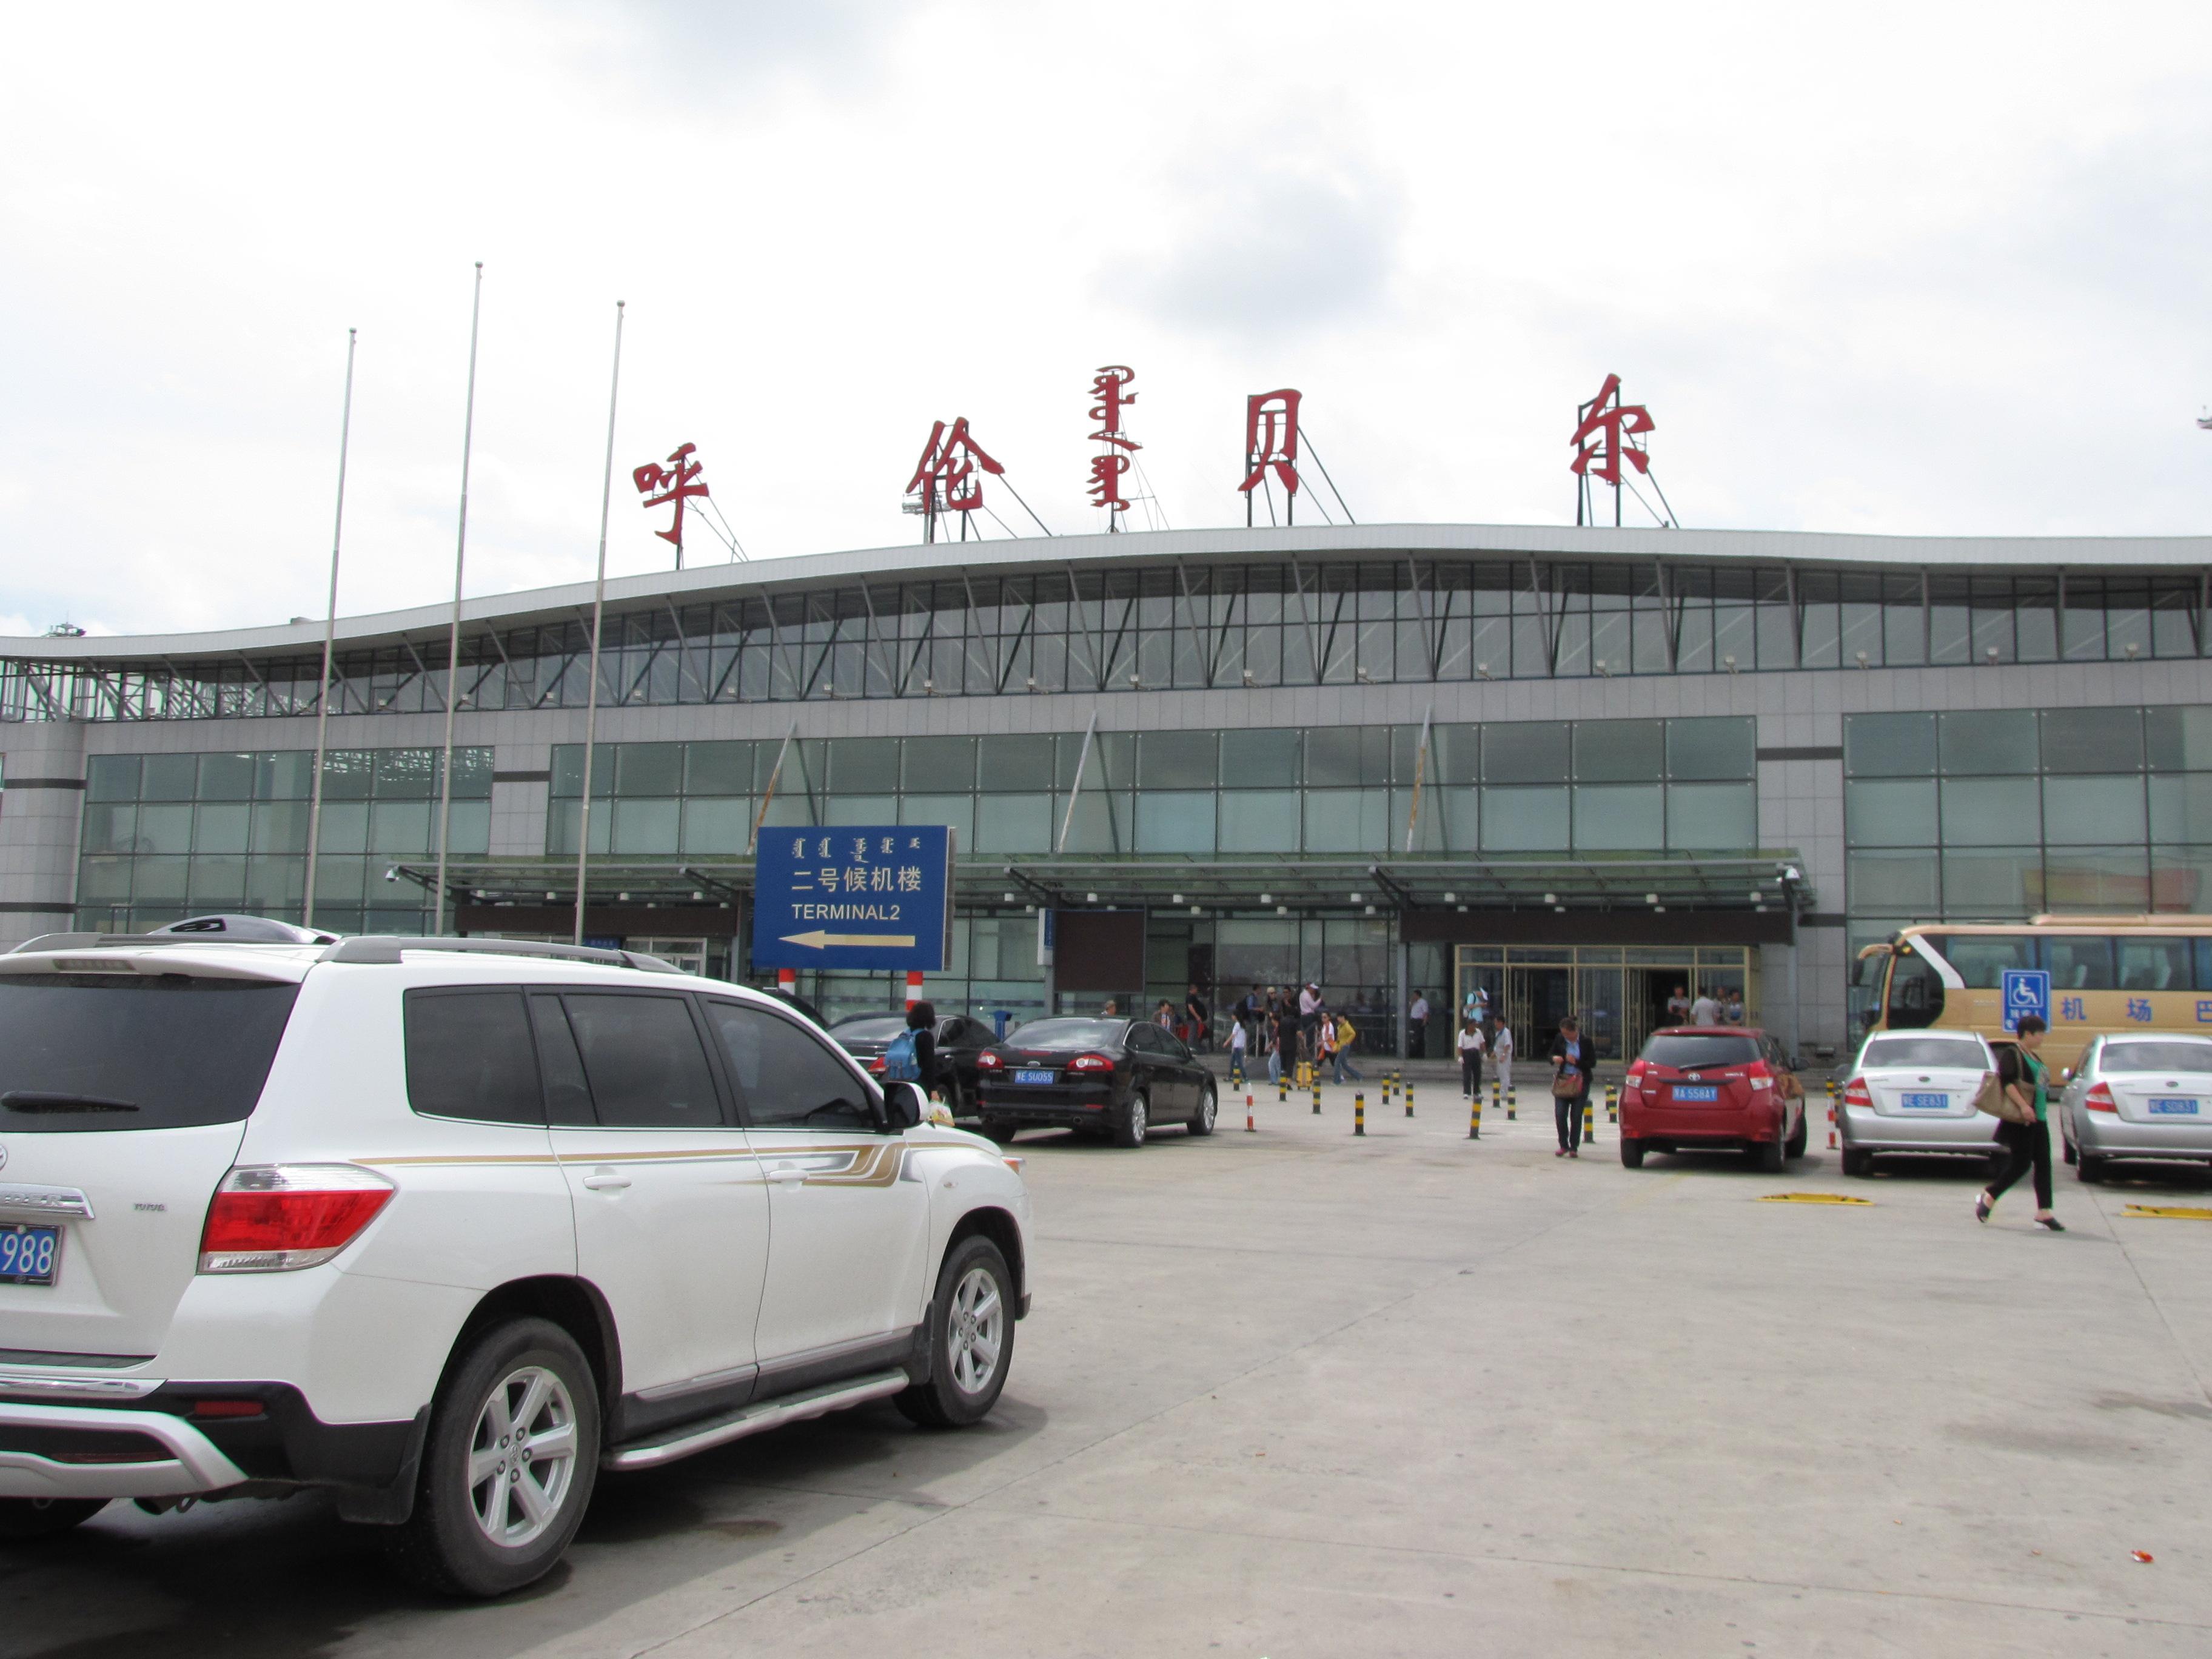 是我们如今买的北京19日的飞机票也是北京至海拉尔